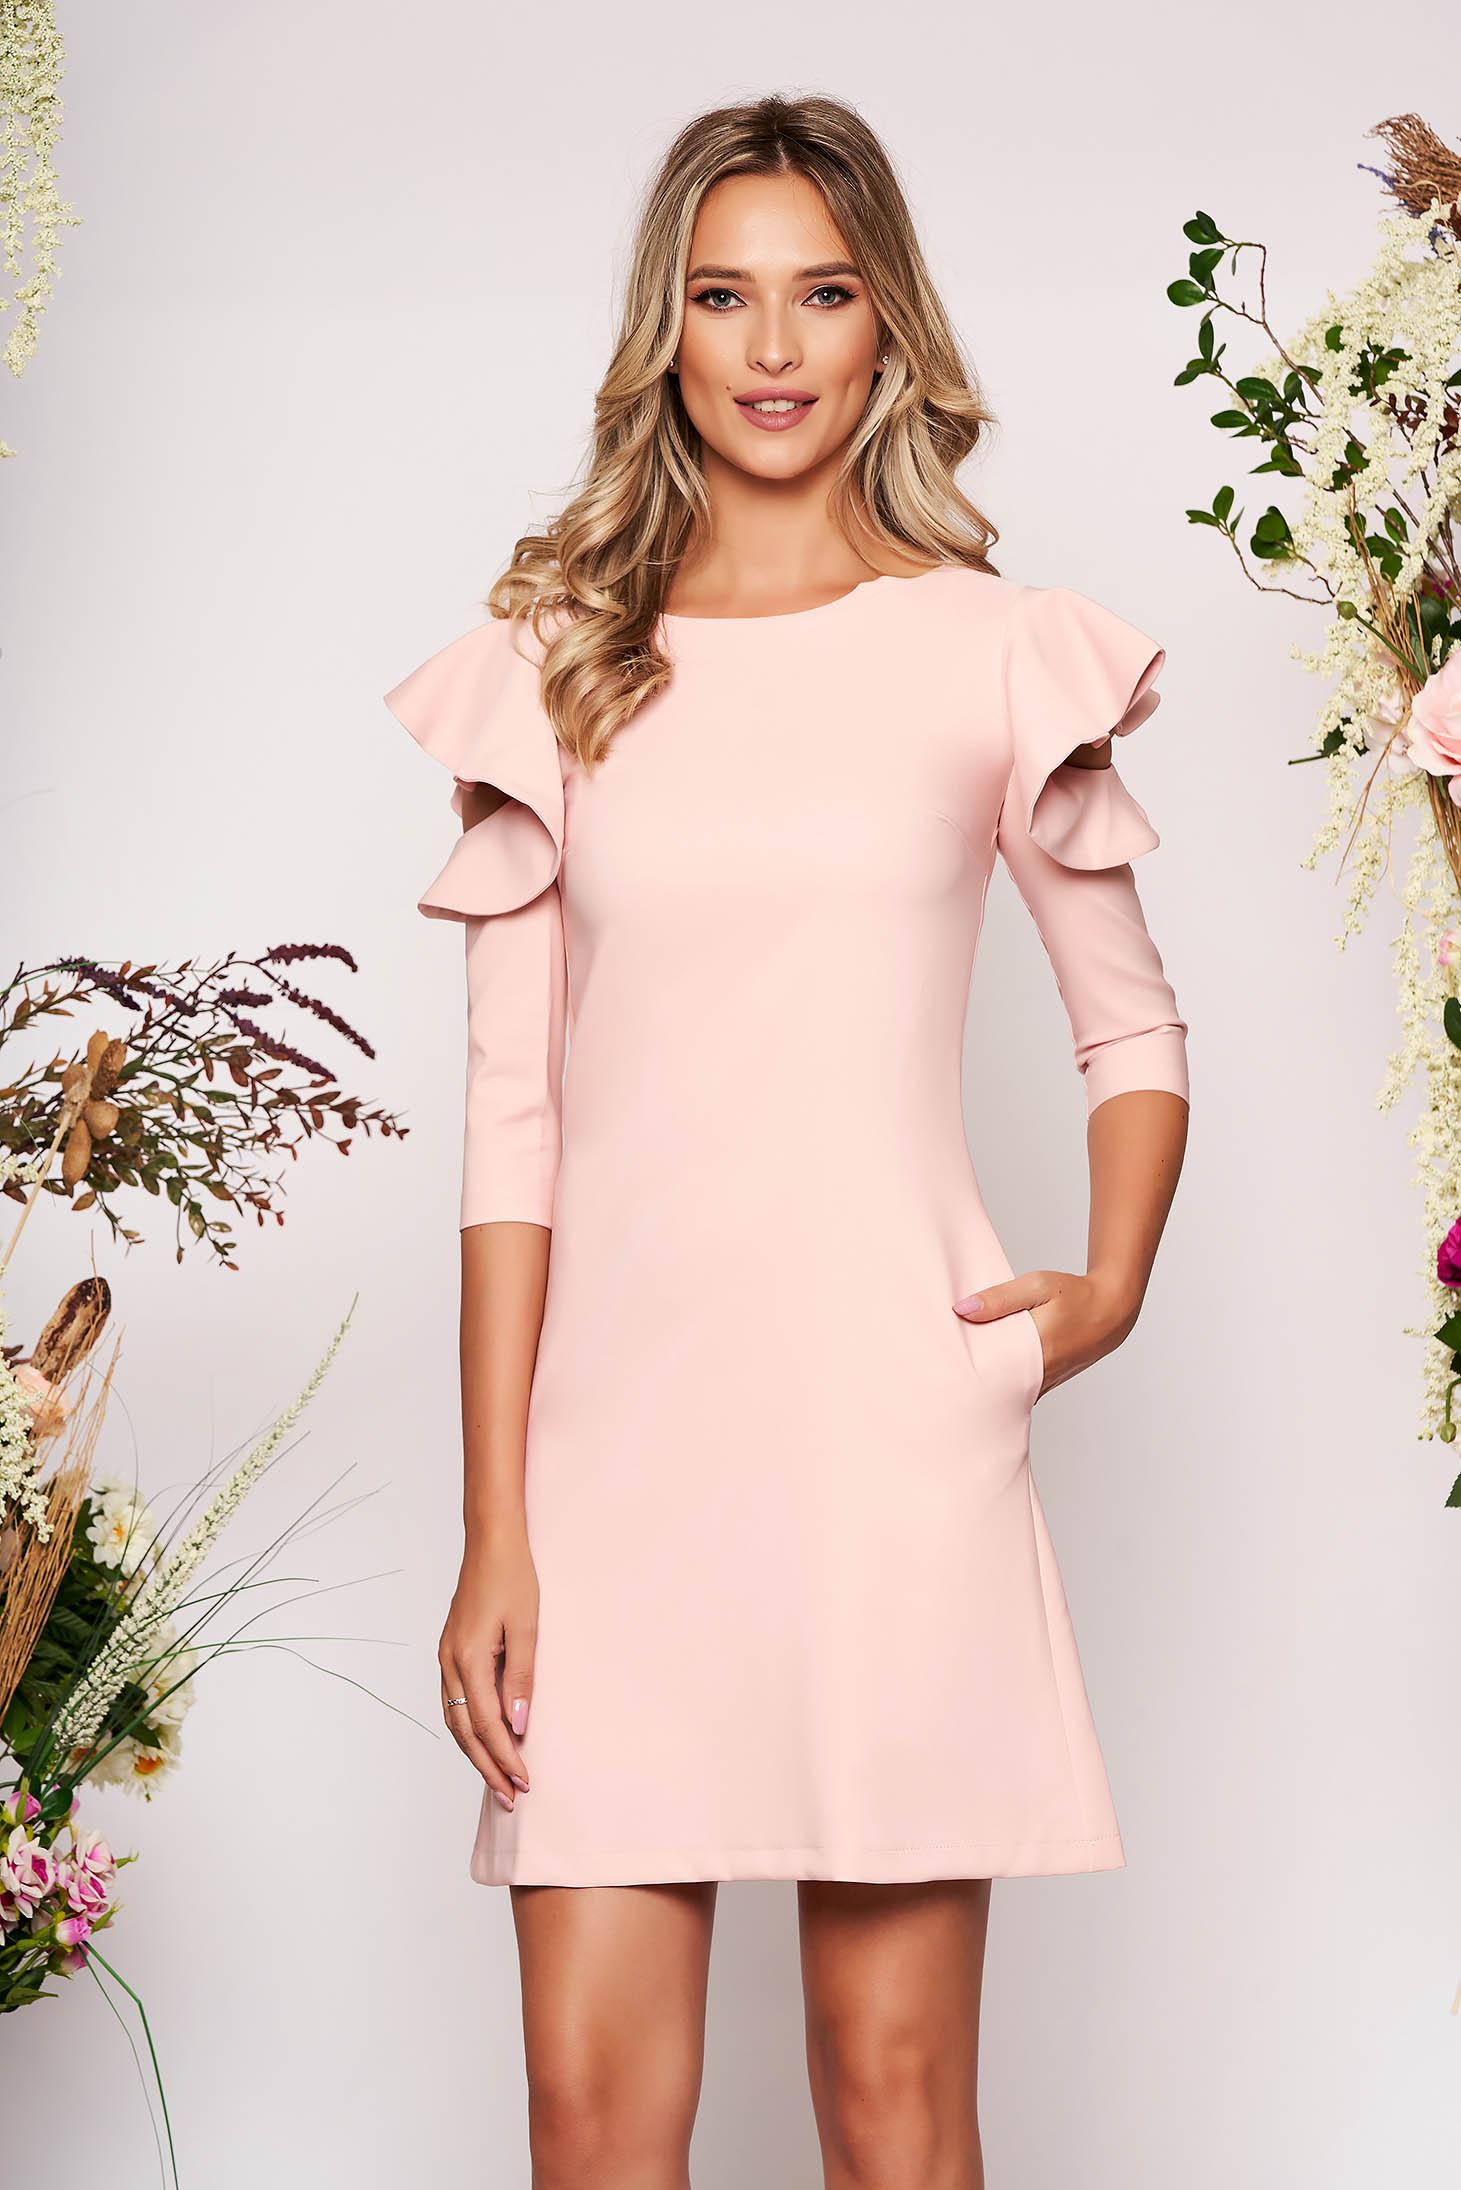 Rochie LaDonna roz deschis eleganta de zi din stofa usor elastica cu croi in a si volanase la maneca